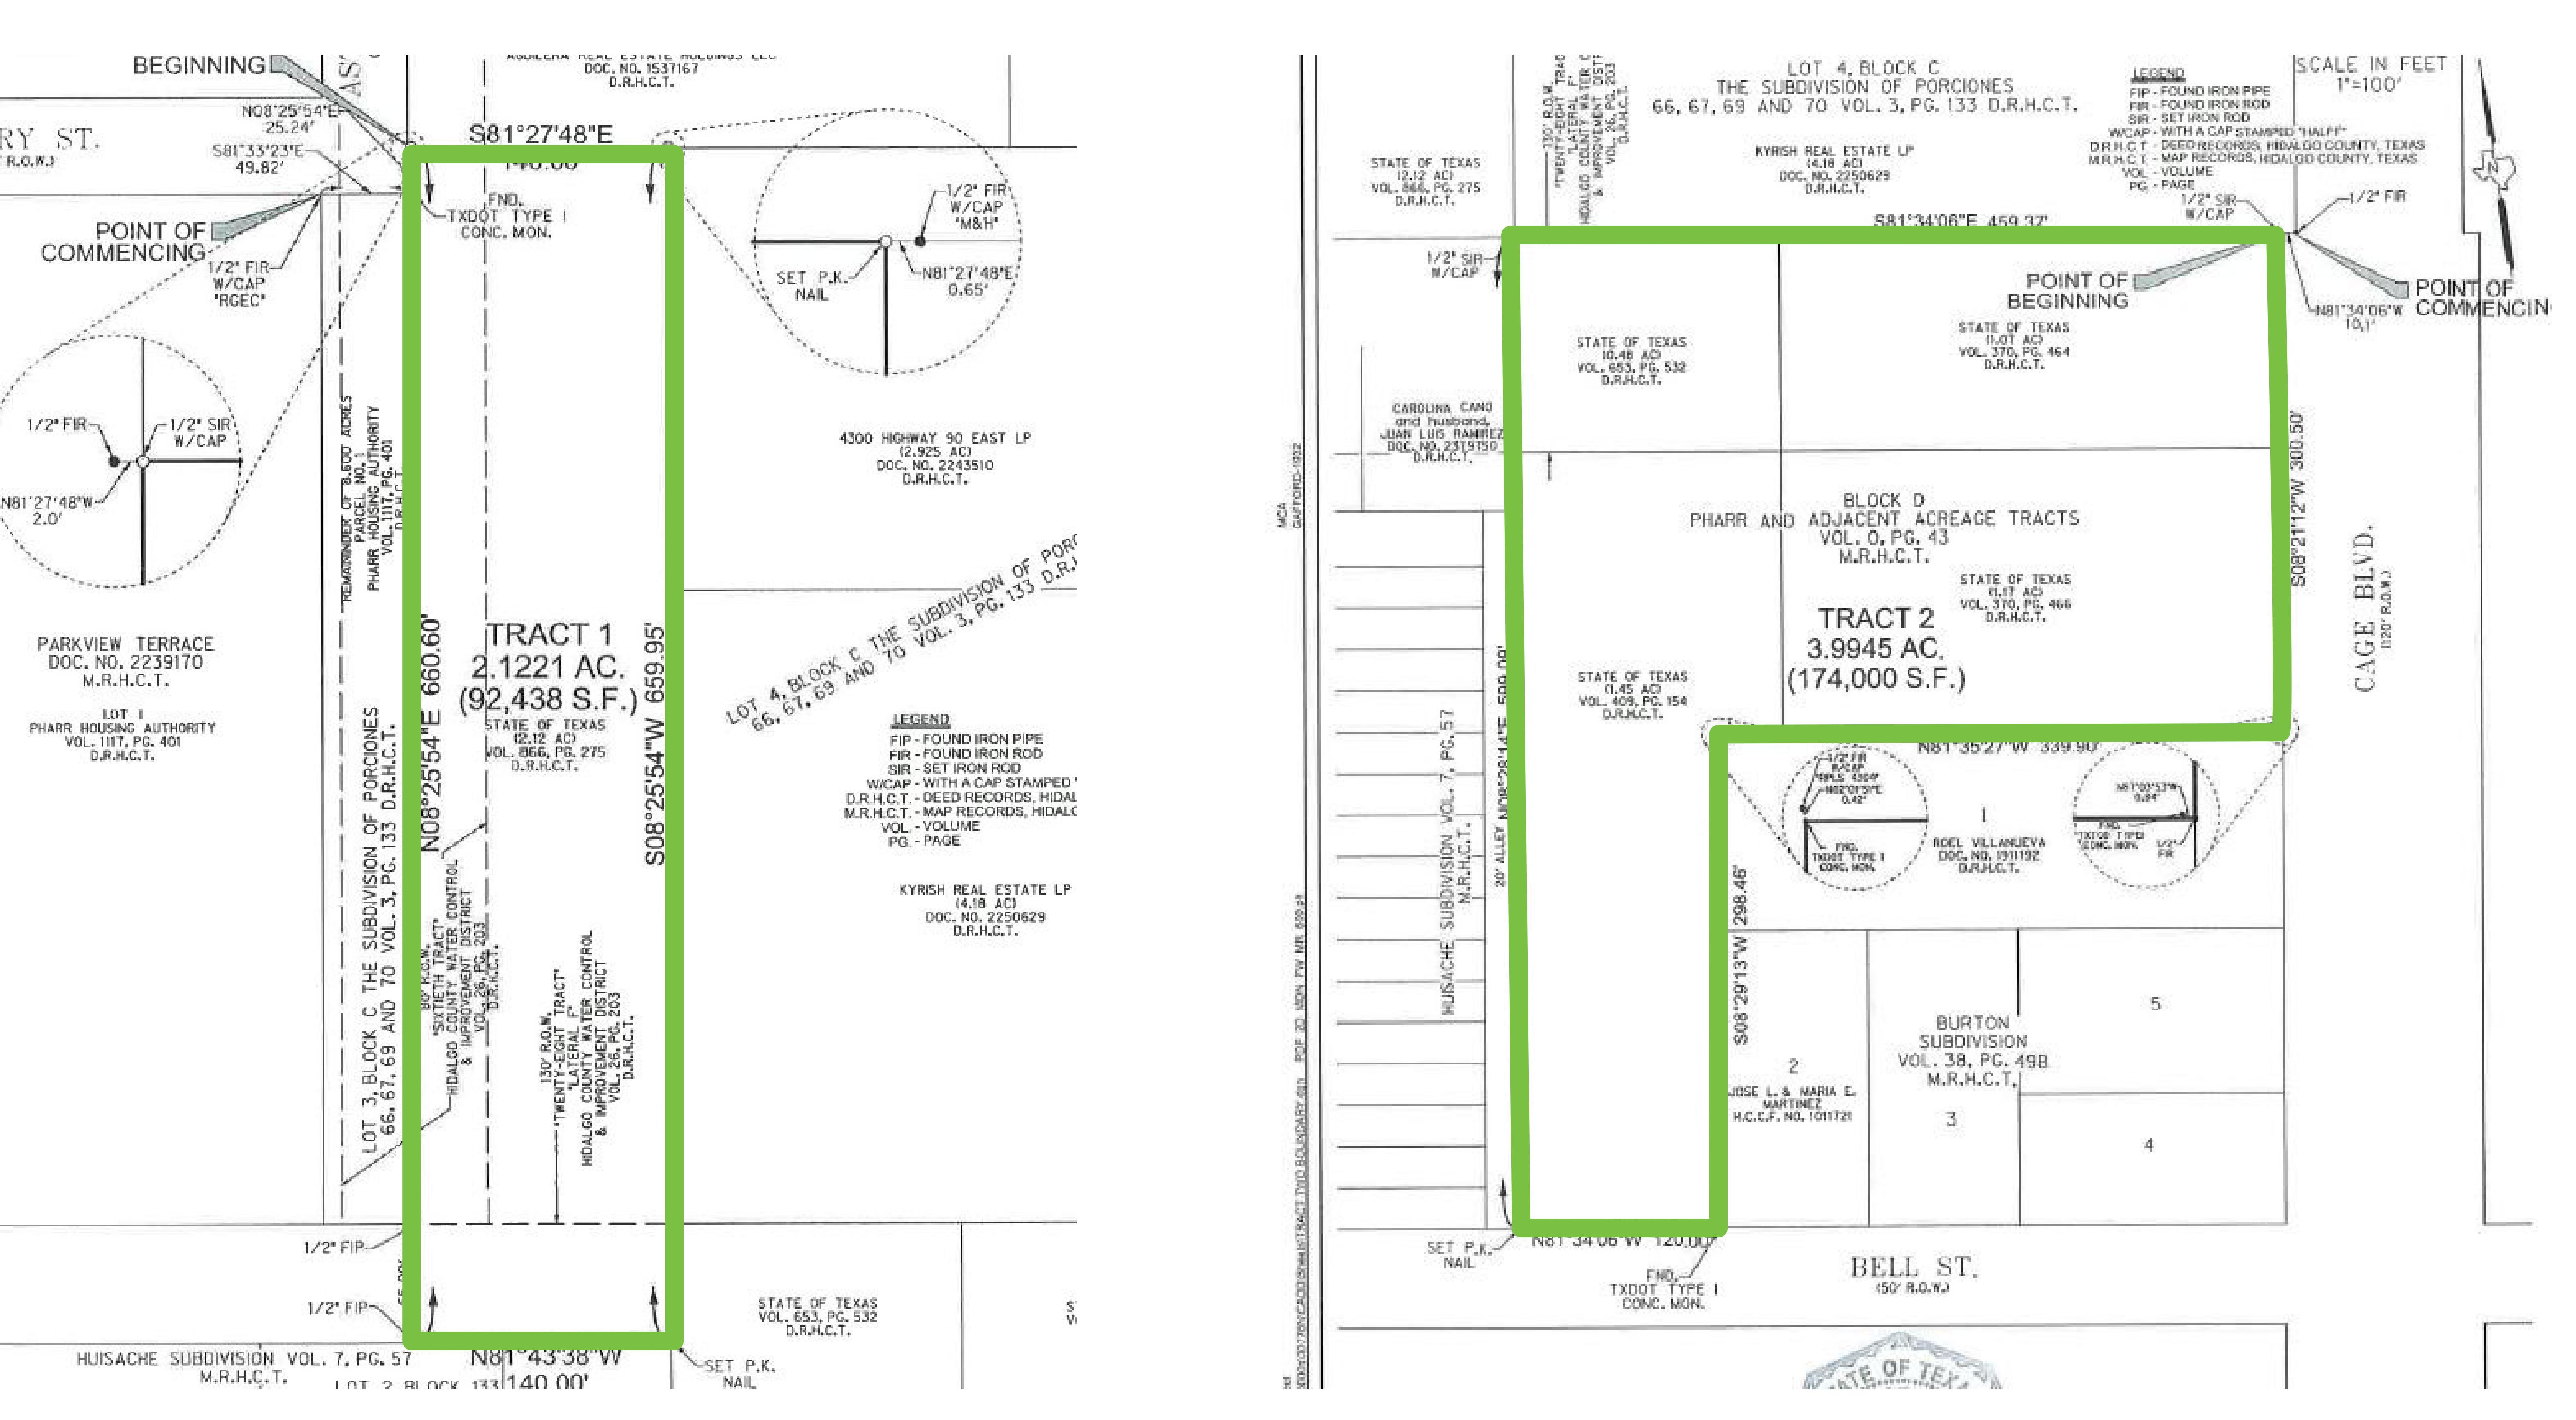 623 N Cage Blvd: site plan